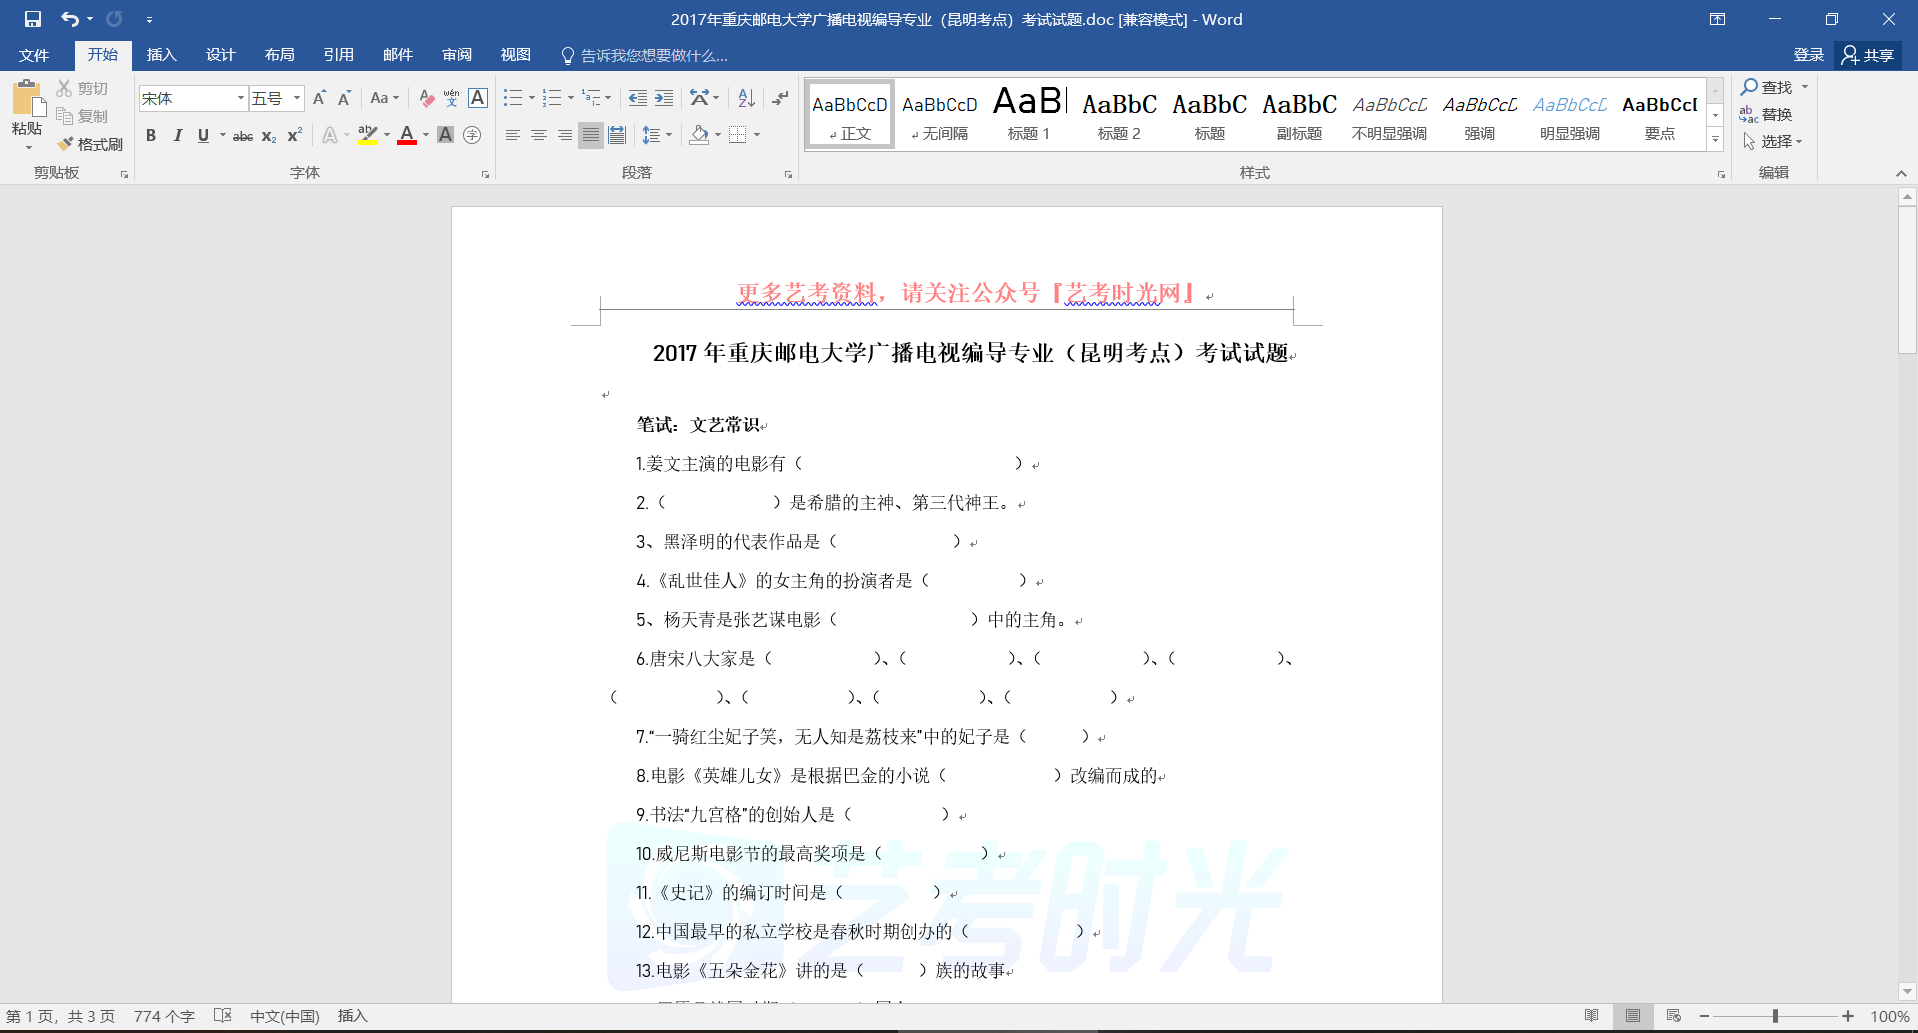 2017年重庆邮电大学广播电视编导真题(含答案)